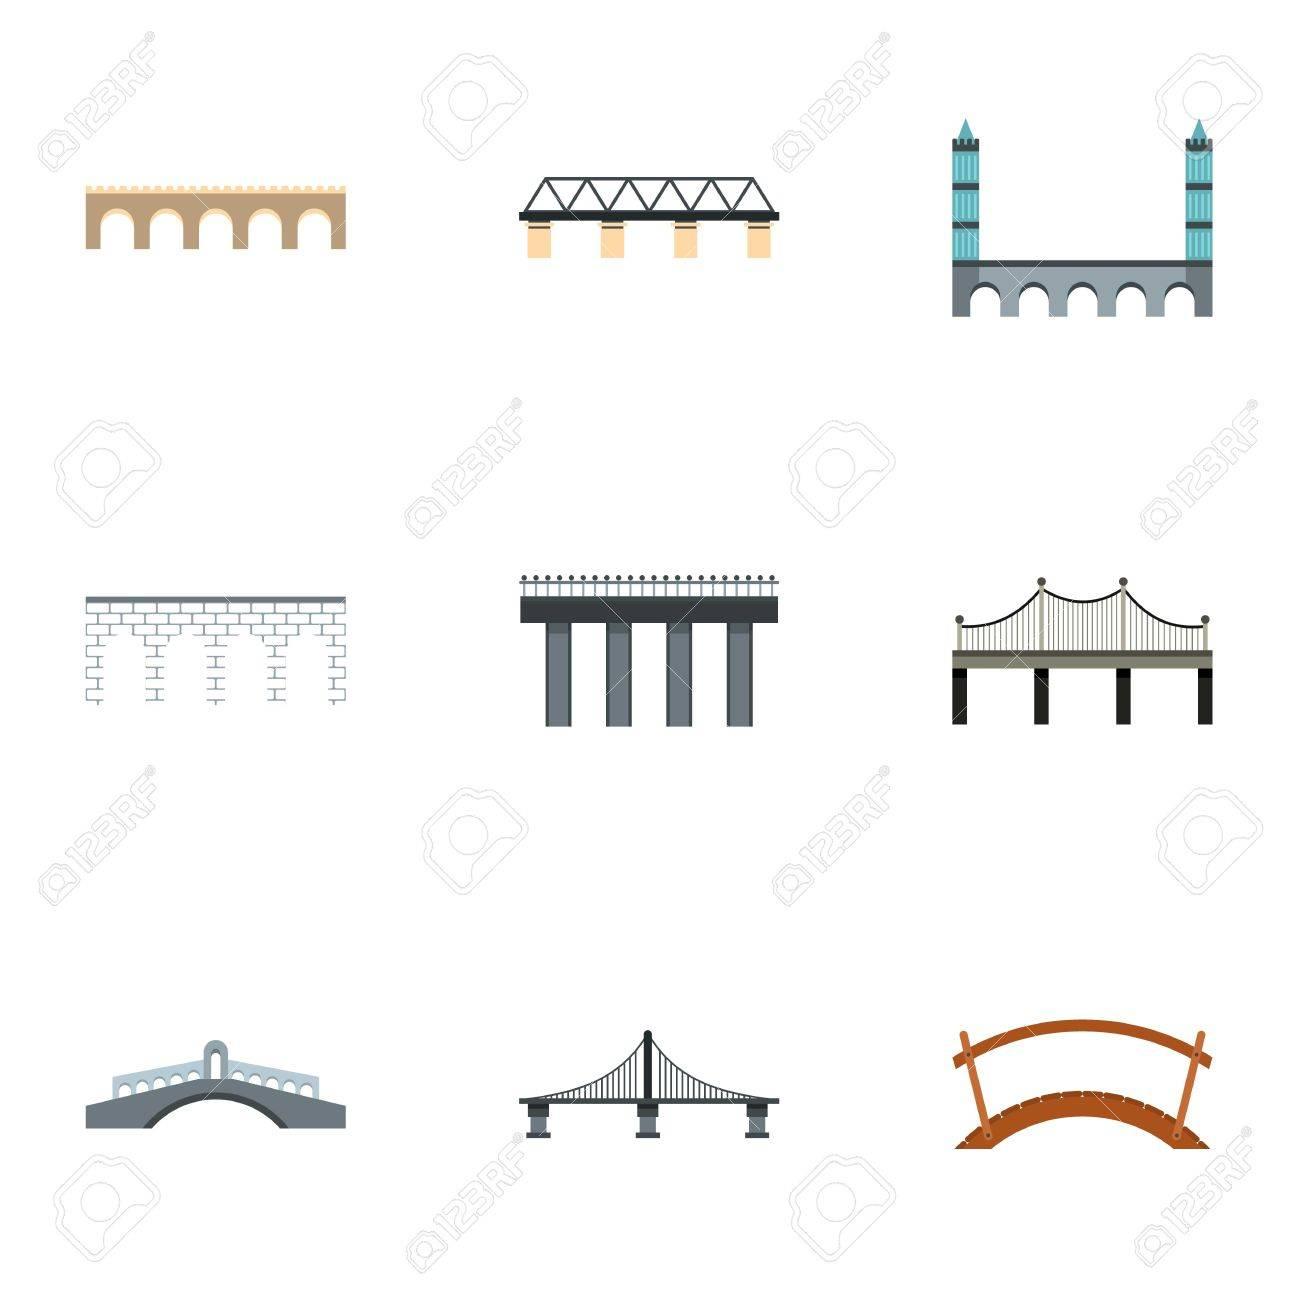 Beste Draht Schematische Symbole Fotos - Elektrische Schaltplan ...